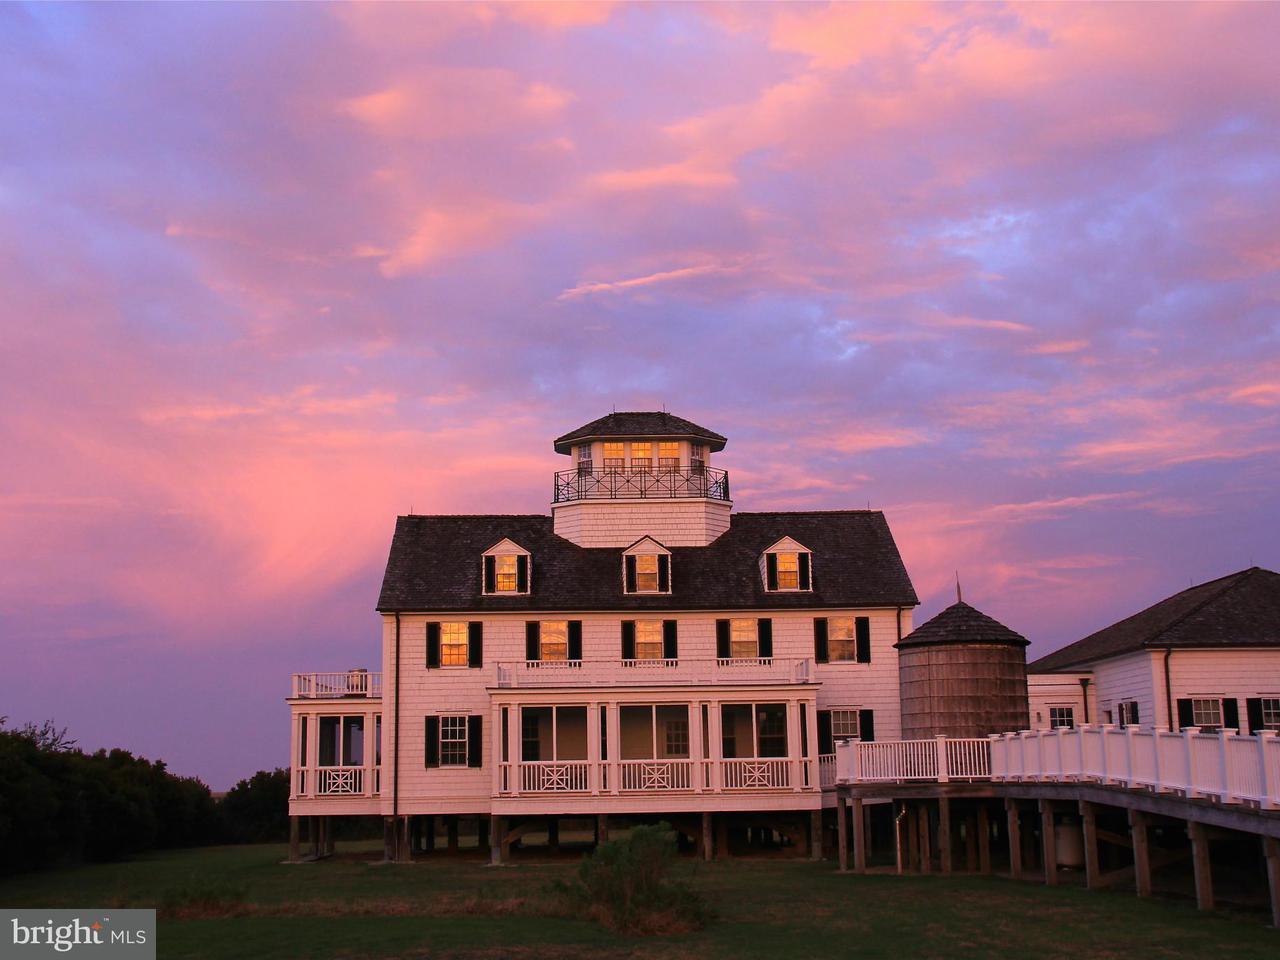 Частный односемейный дом для того Продажа на 21025 SEASIDE Road 21025 SEASIDE Road Cape Charles, Виргиния 23310 Соединенные Штаты